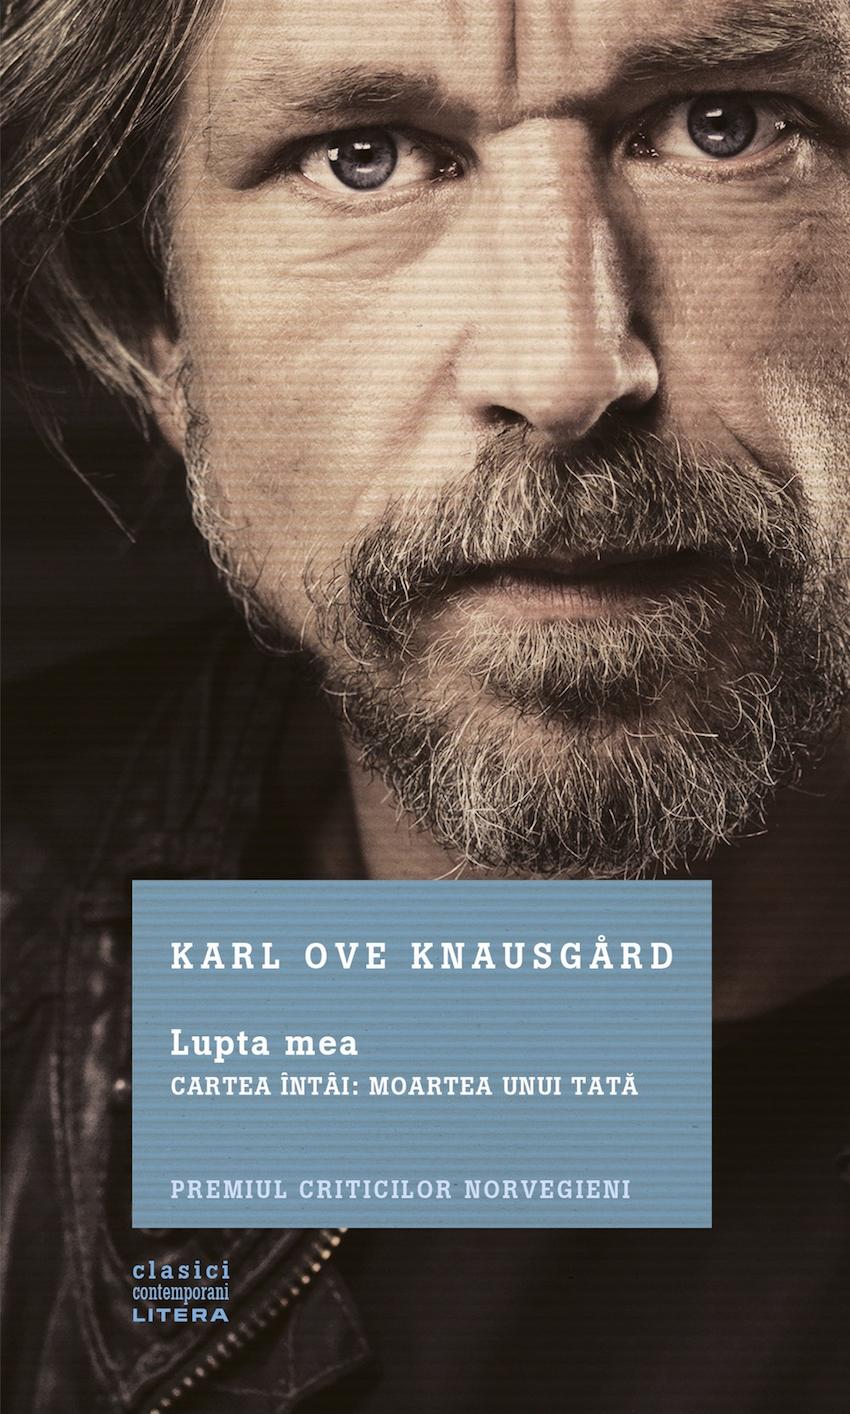 citeste-un-fragment-din-lupta-mea-cartea-intai-moartea-unui-tata-de-karl-ove-knausgaard-035-body-image-1441789165-size_1000